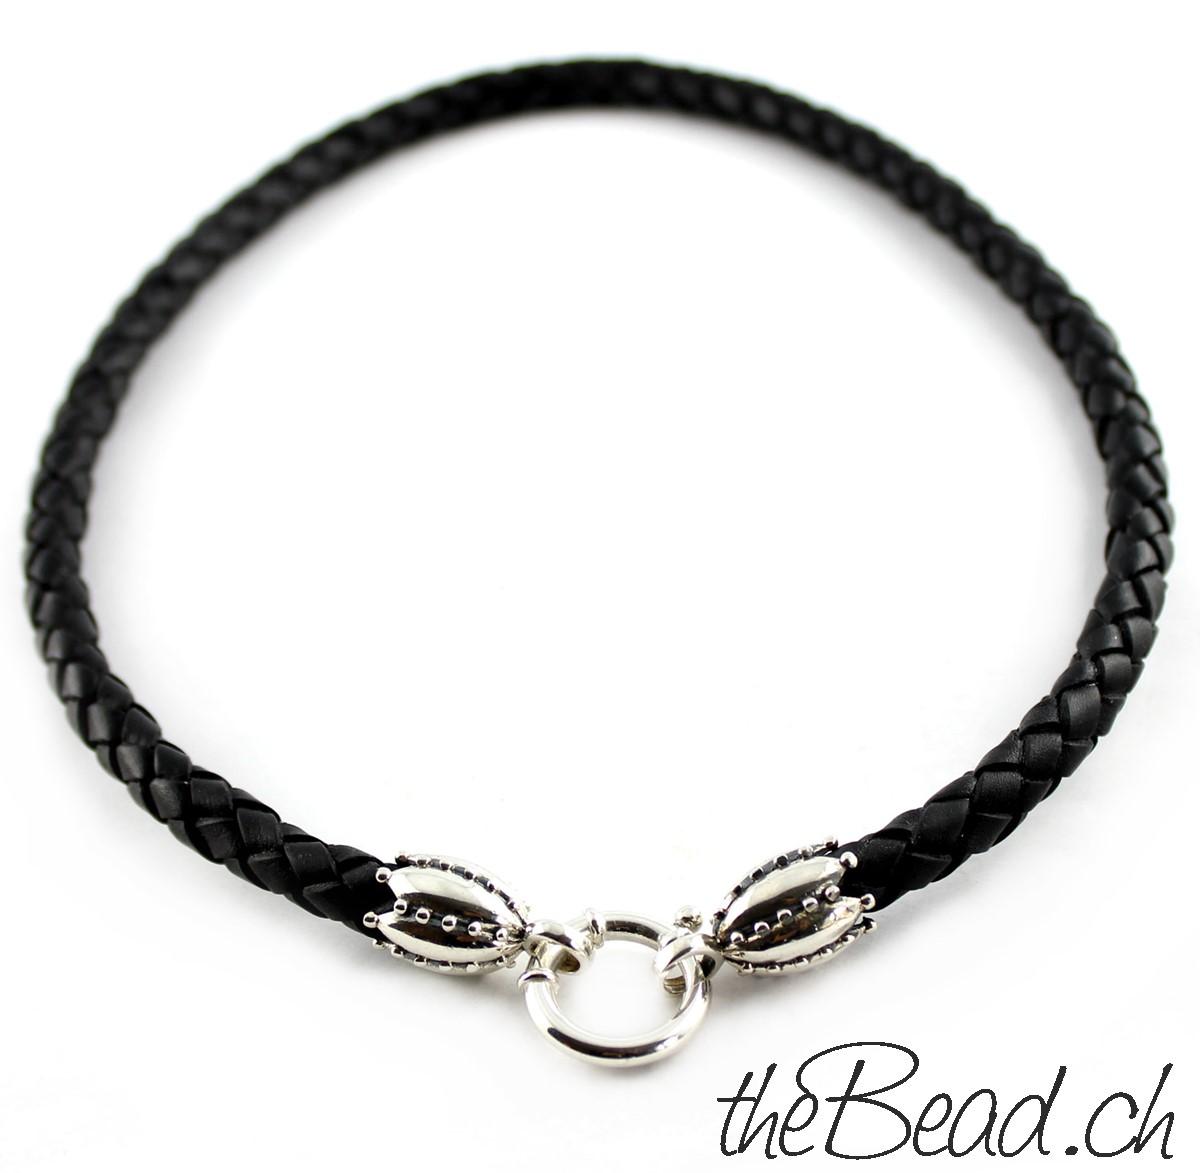 925 Sterling Silber Halskette aus Leder und Silber von theBead